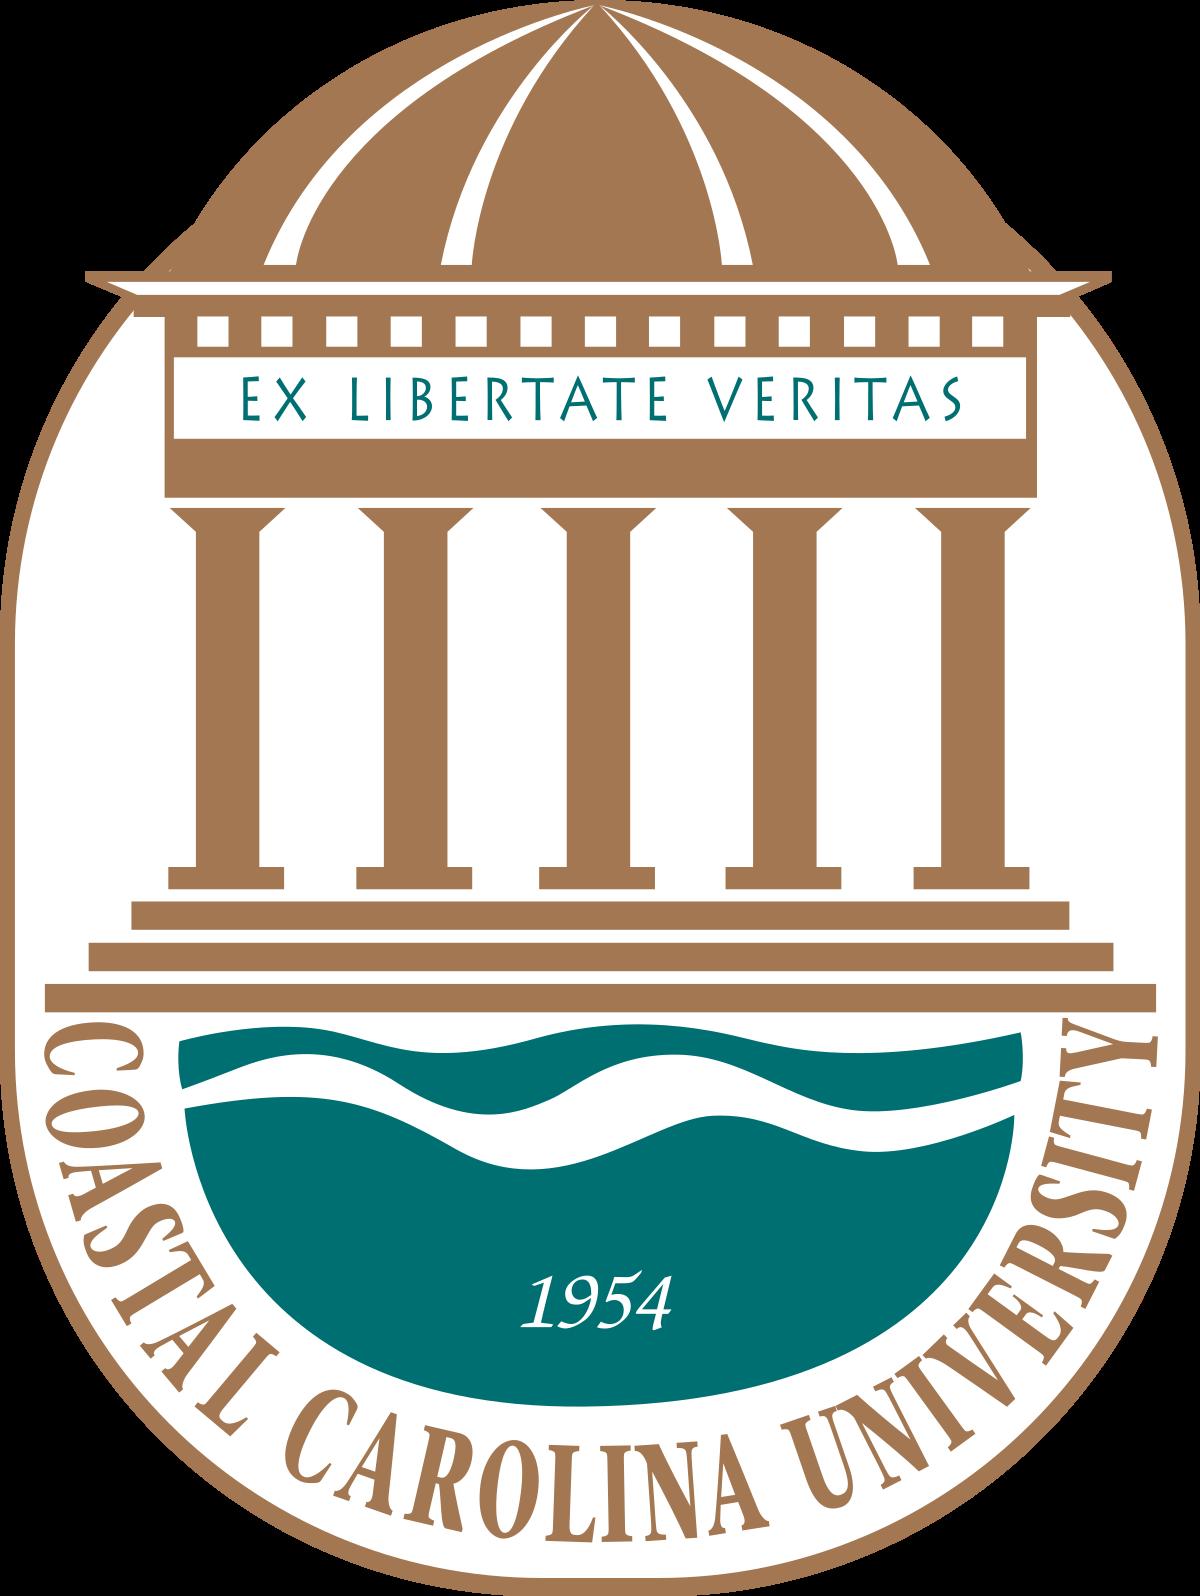 8863a00a23e446aa64ea_Coastal_Carolina_University_seal.jpg